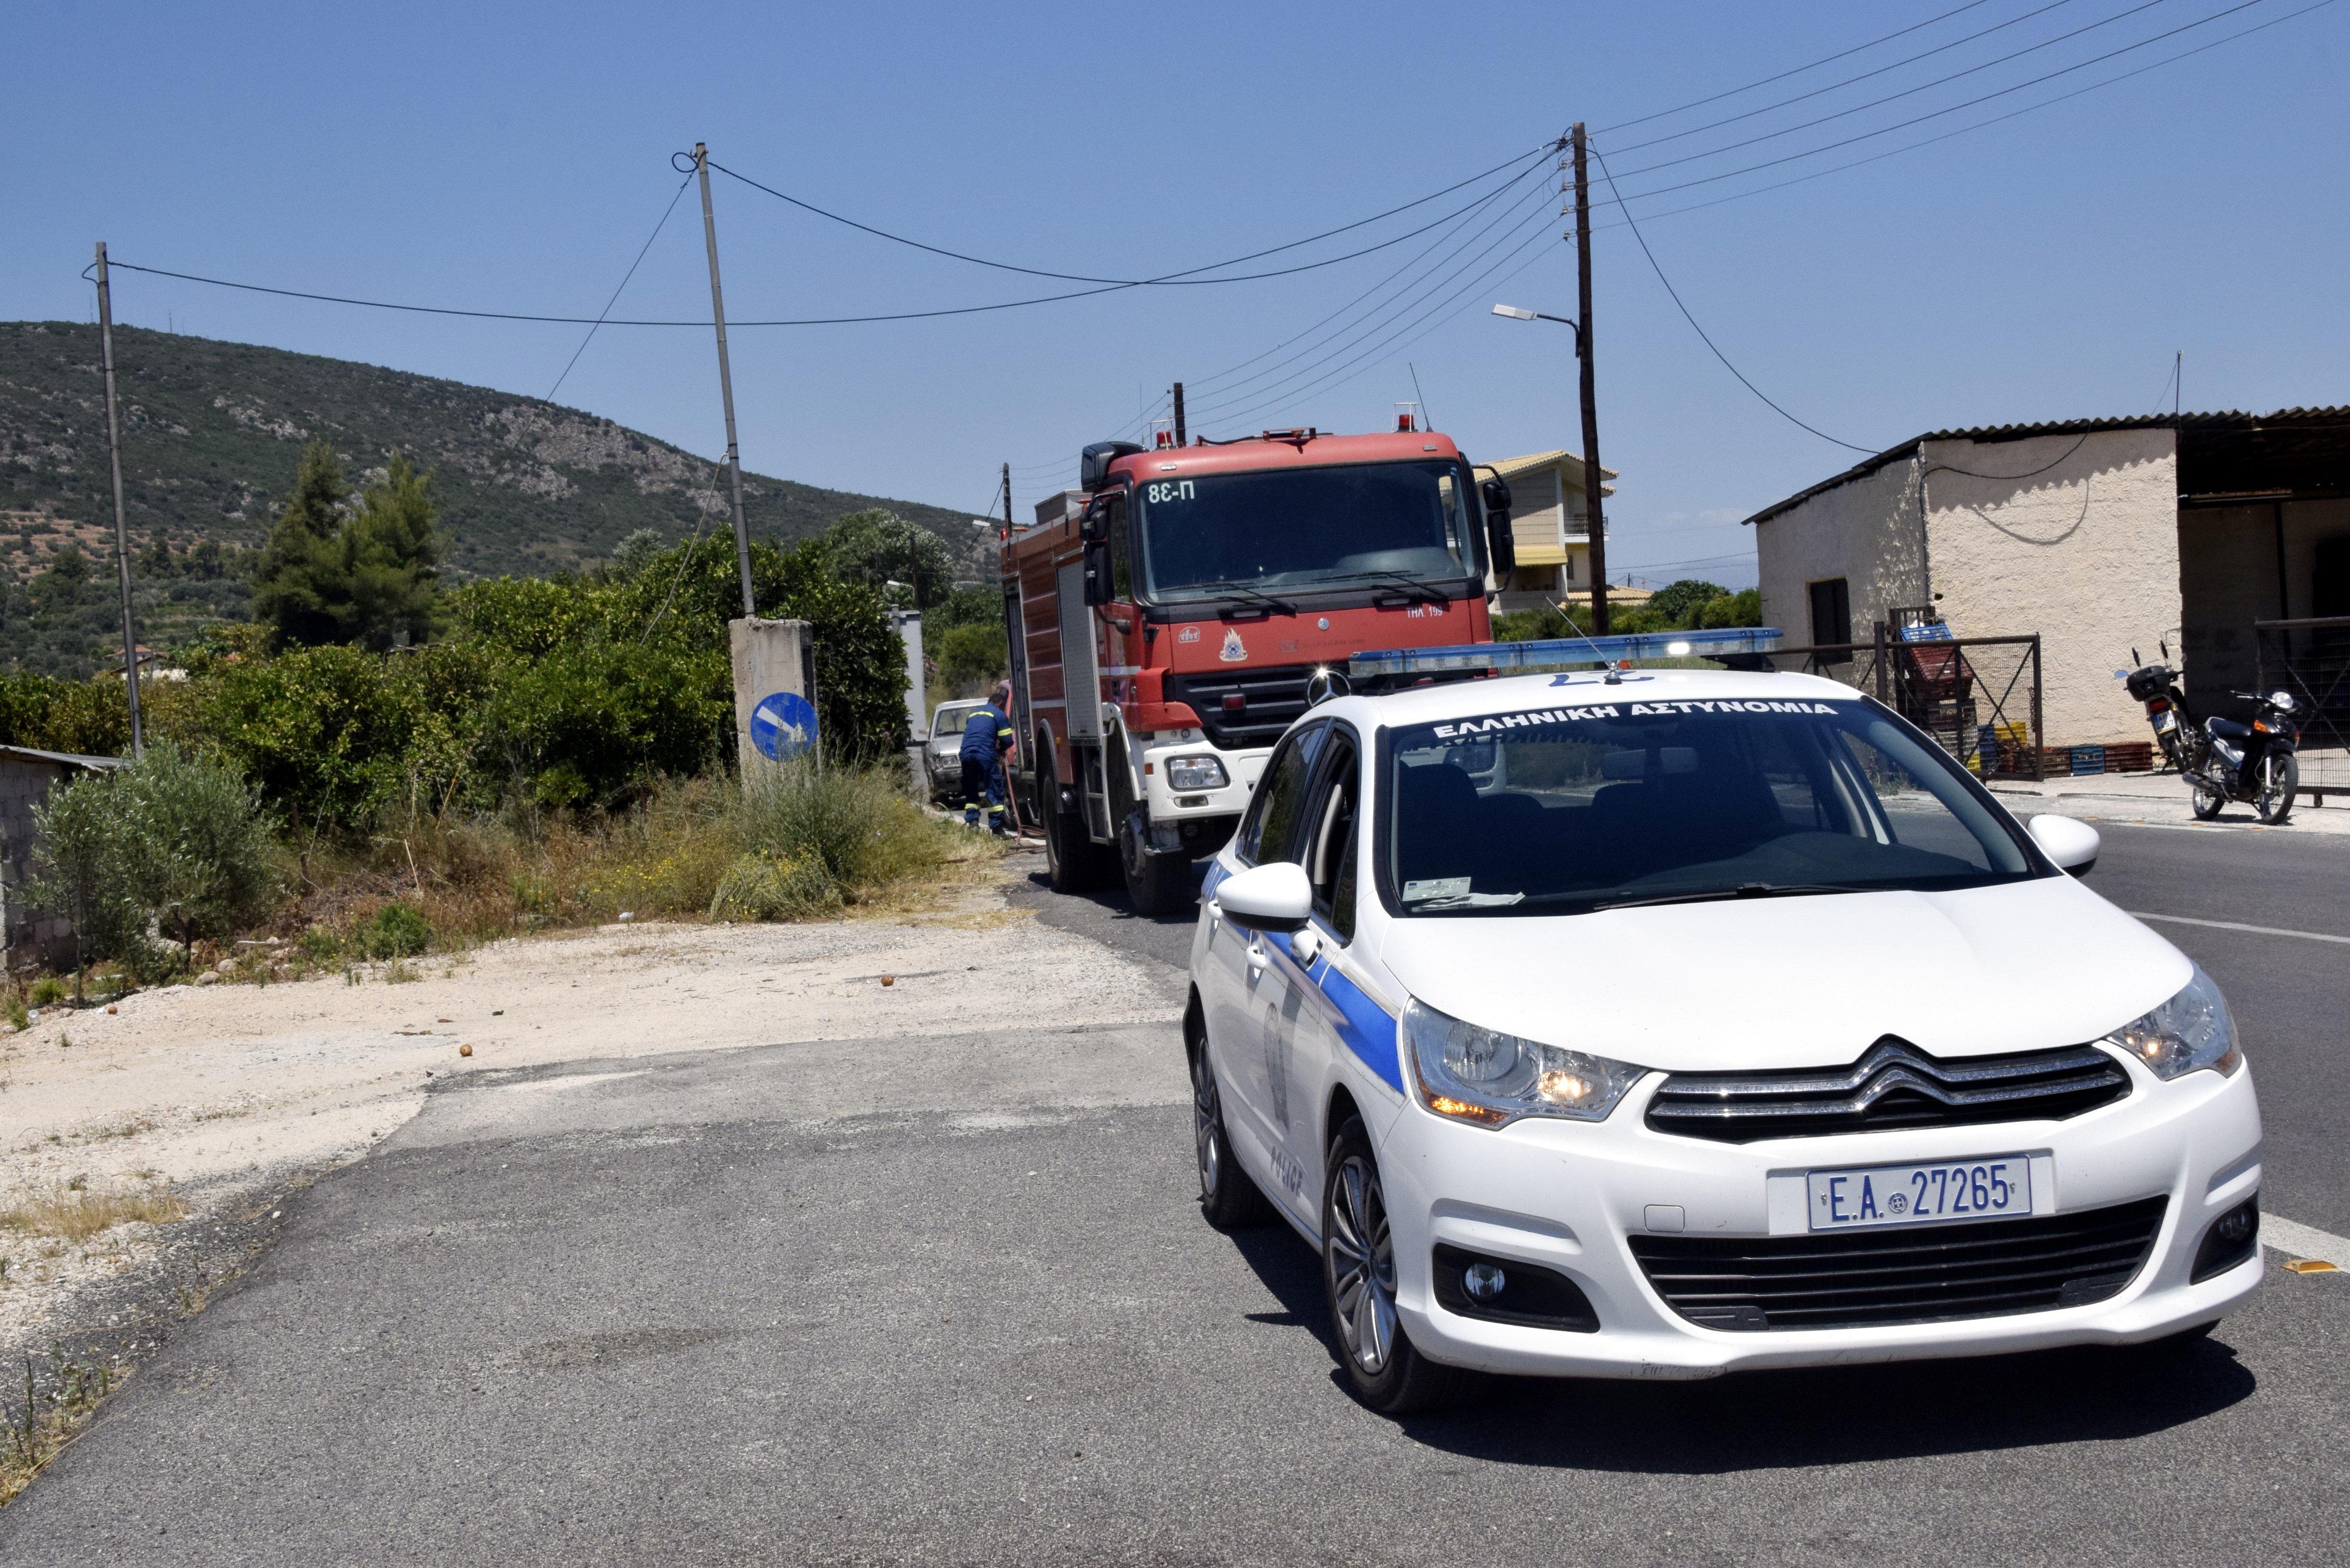 Καταδίωξη ύποπτου οχήματος στην παλιά Εθνική Οδό Αθηνών-